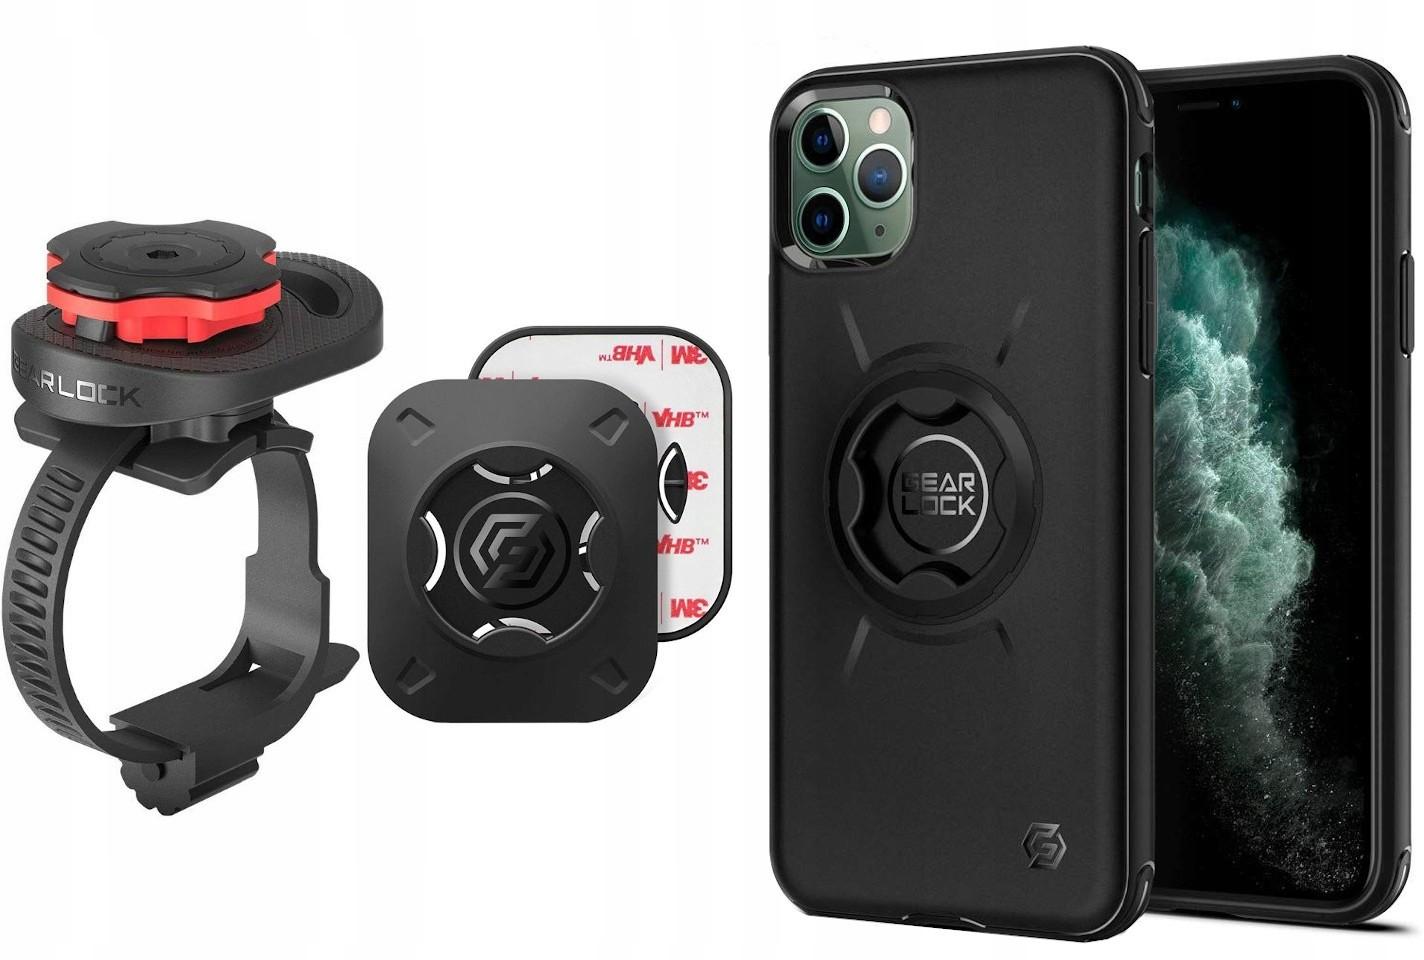 SPIGEN Uchwyt rowerowy GEARLOCK MS100 + Etui Apple iPhone 11 Pro